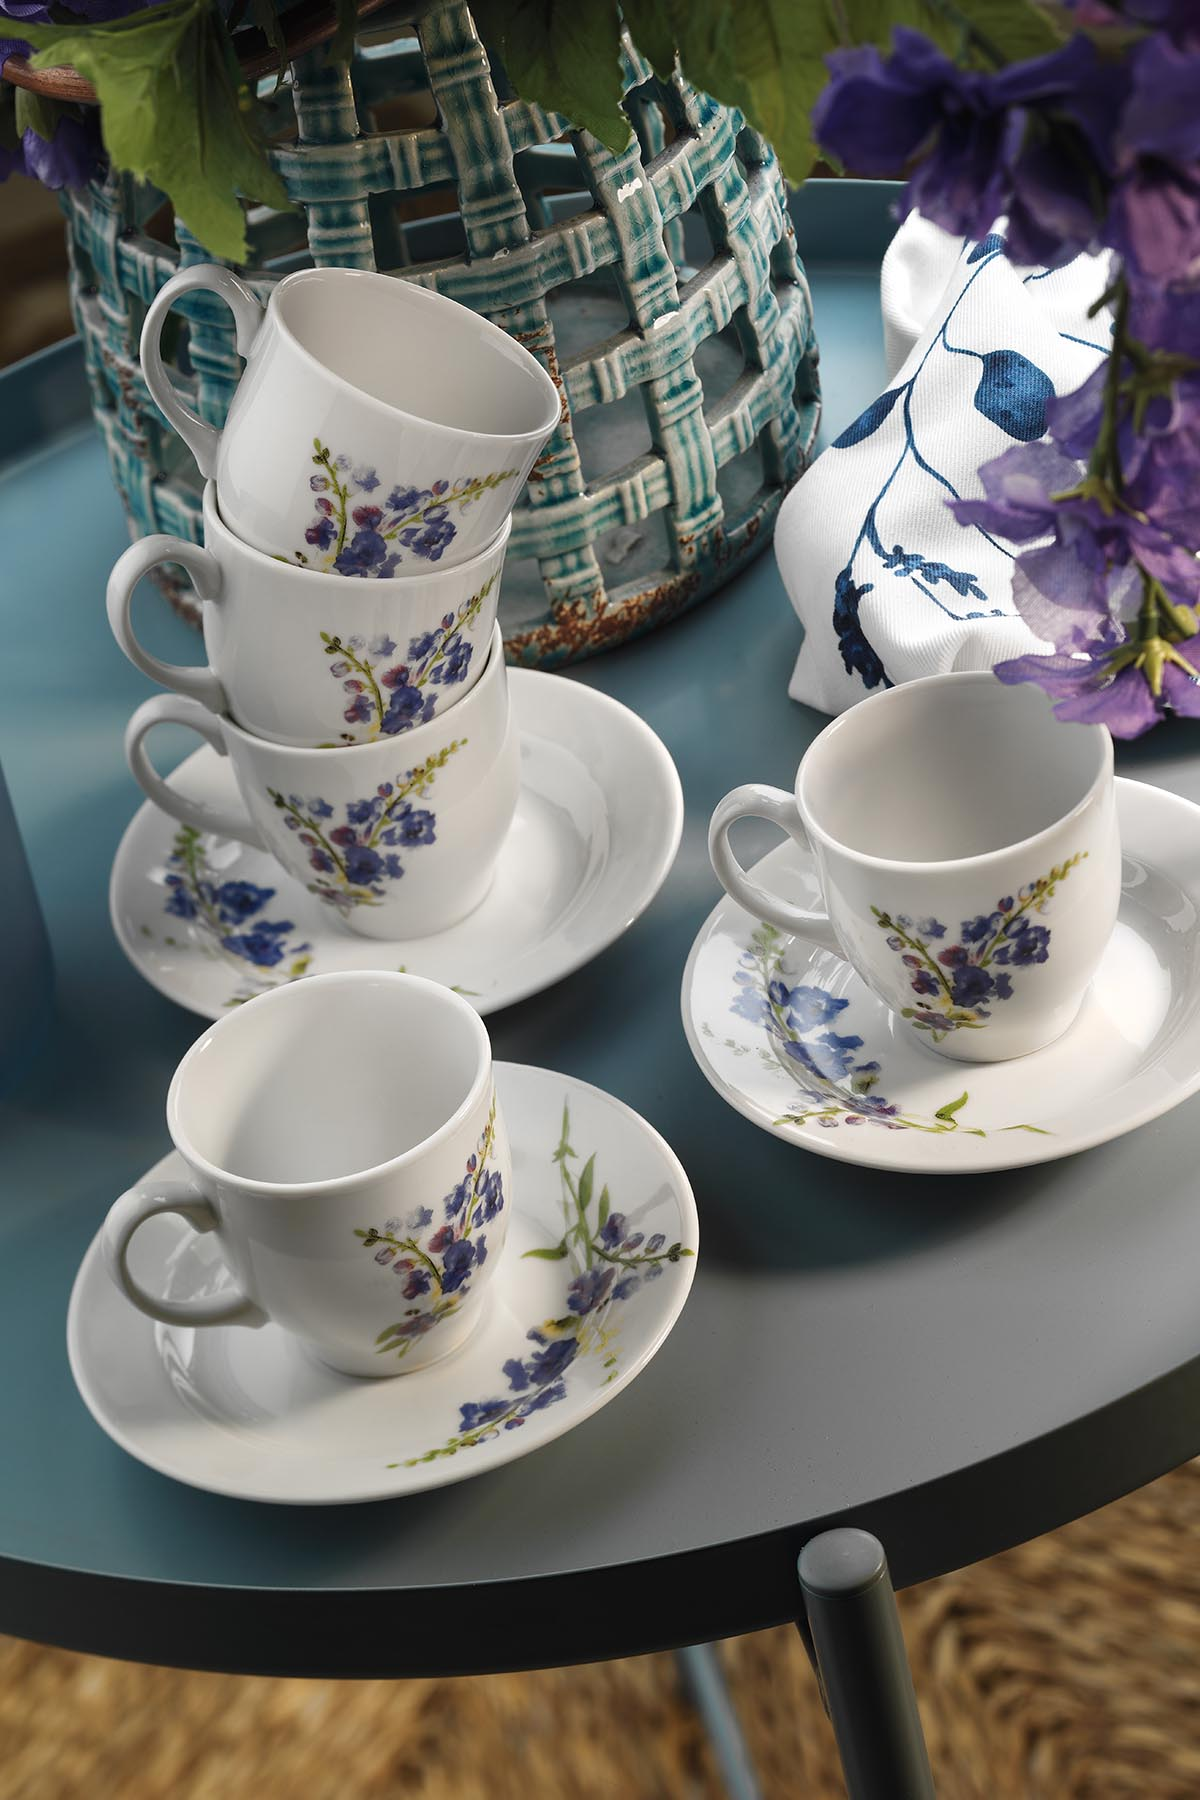 Kütahya Porselen Yasemin 10886 Desen Kahve Fincan Takımı